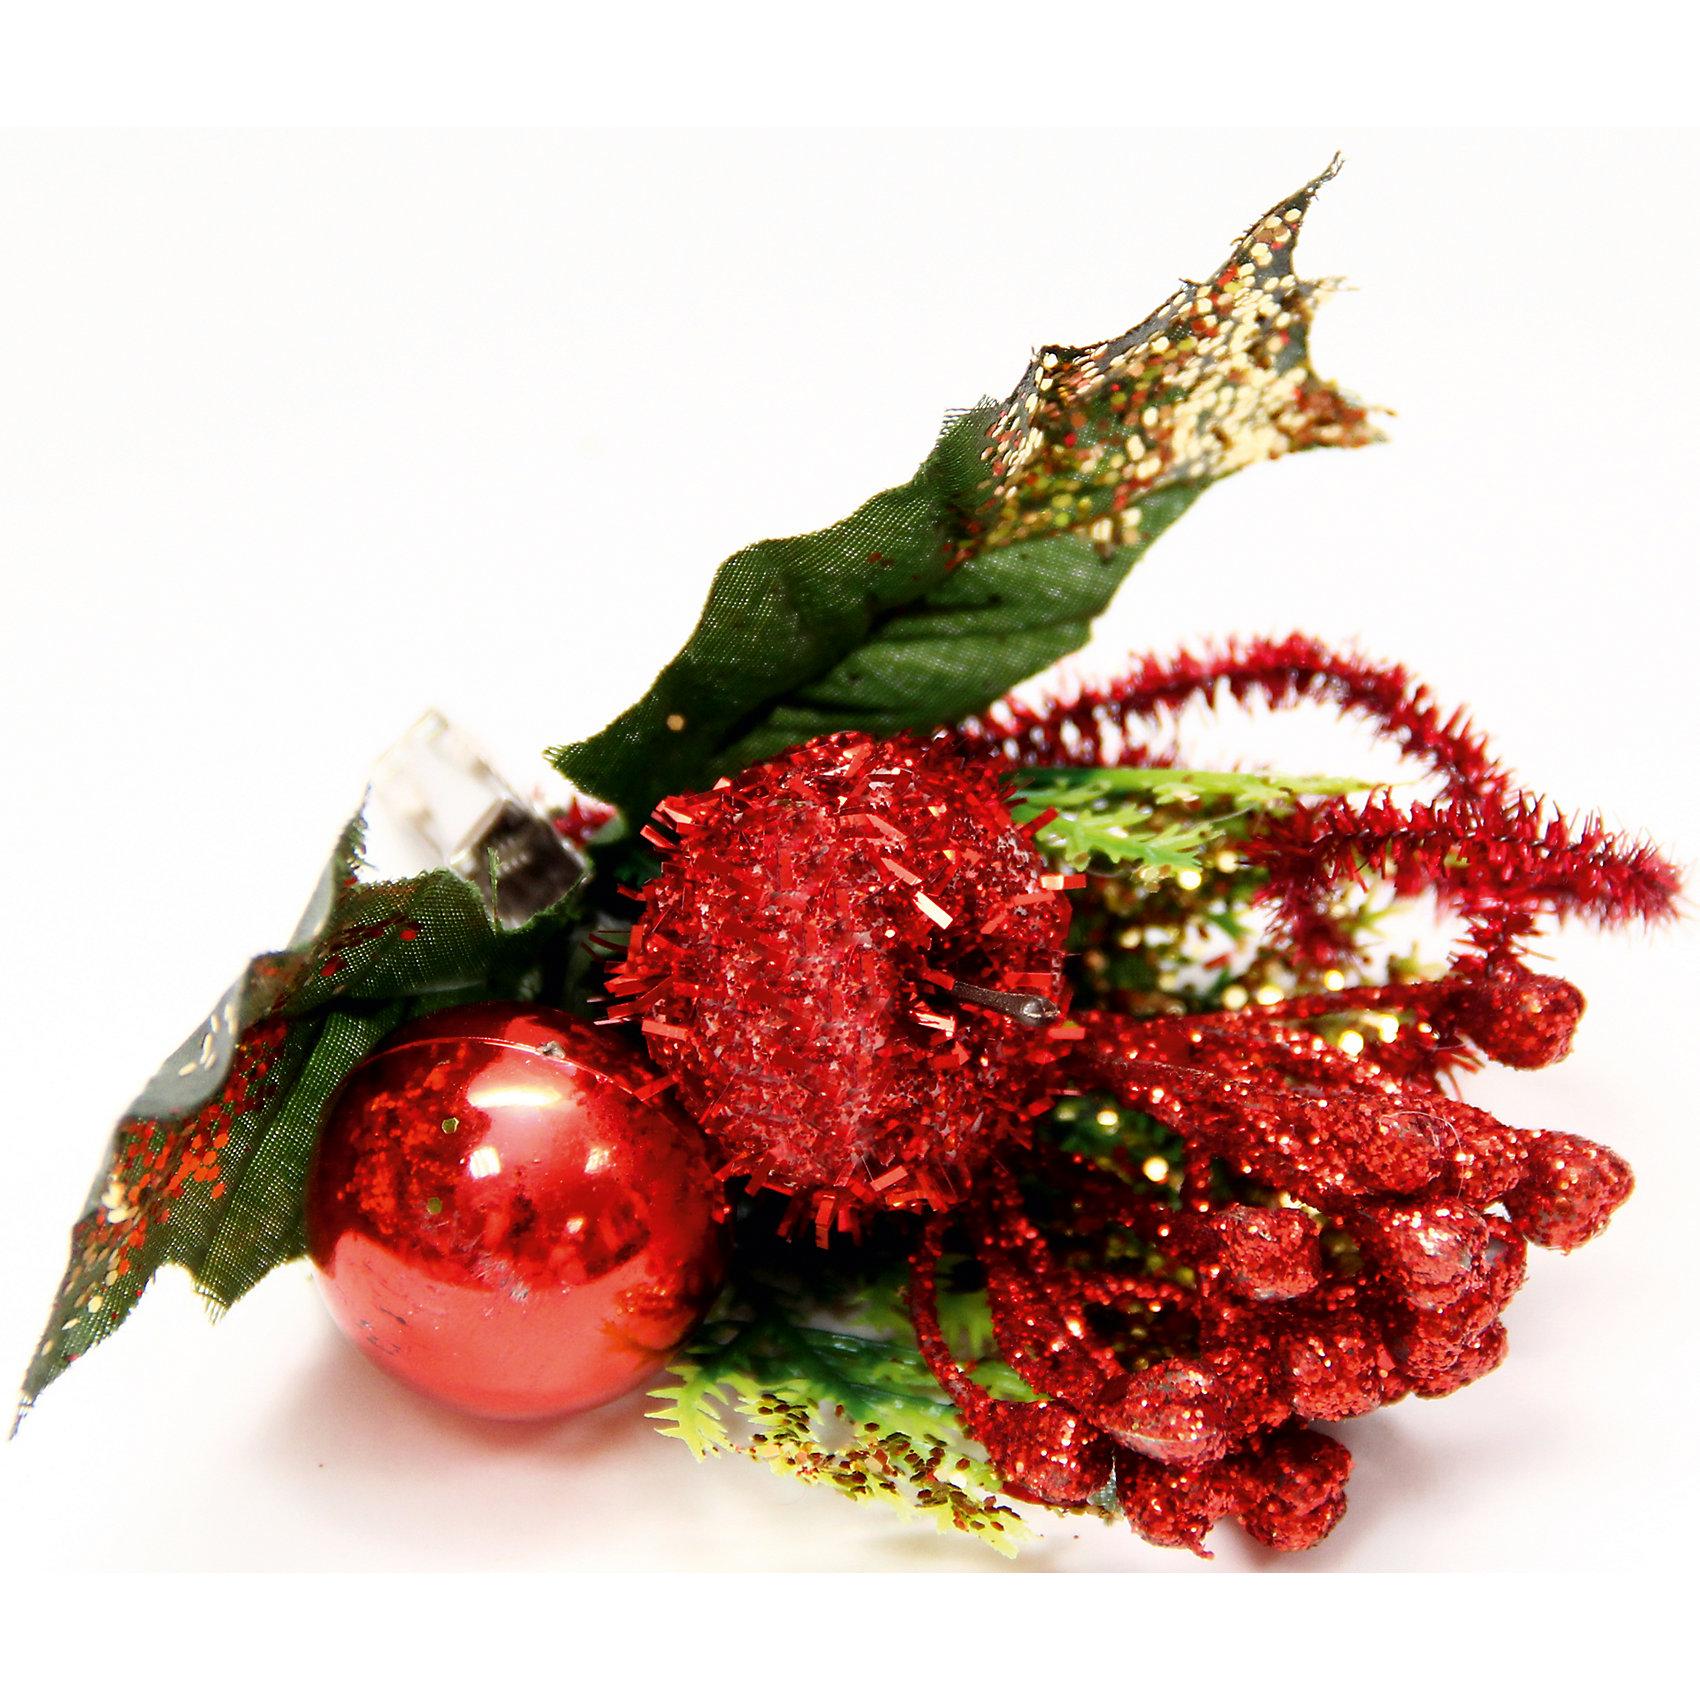 Украшение Букет красный с золотым на клипсеВсё для праздника<br>Украшение новогоднее Букет Красно-Золотой арт.42493 из пвх на клипсе / 12x9<br><br>Ширина мм: 120<br>Глубина мм: 90<br>Высота мм: 10<br>Вес г: 9<br>Возраст от месяцев: 60<br>Возраст до месяцев: 600<br>Пол: Унисекс<br>Возраст: Детский<br>SKU: 5144579